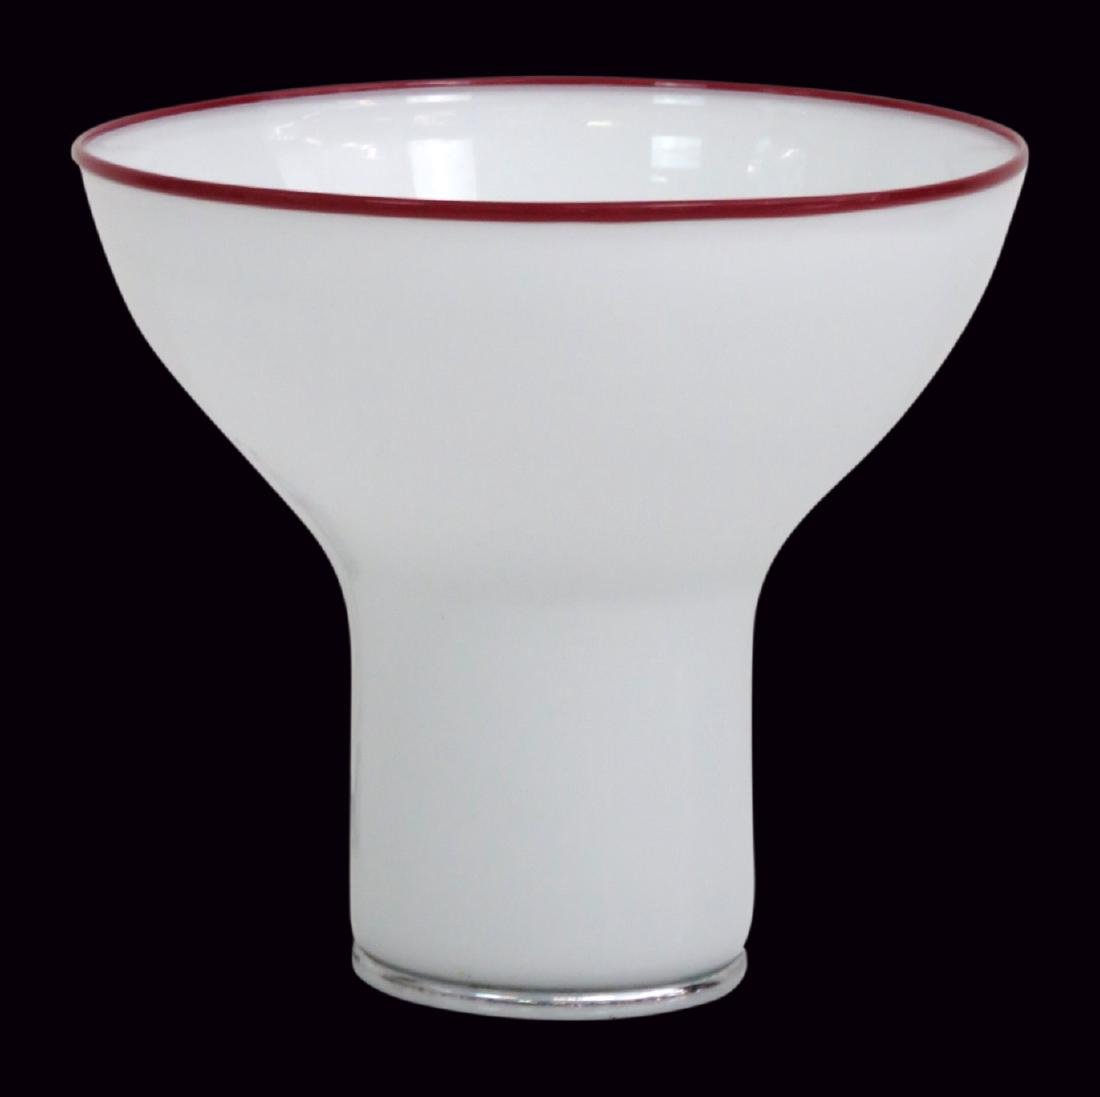 ITALIAN GLASS MUSHROOM LAMP